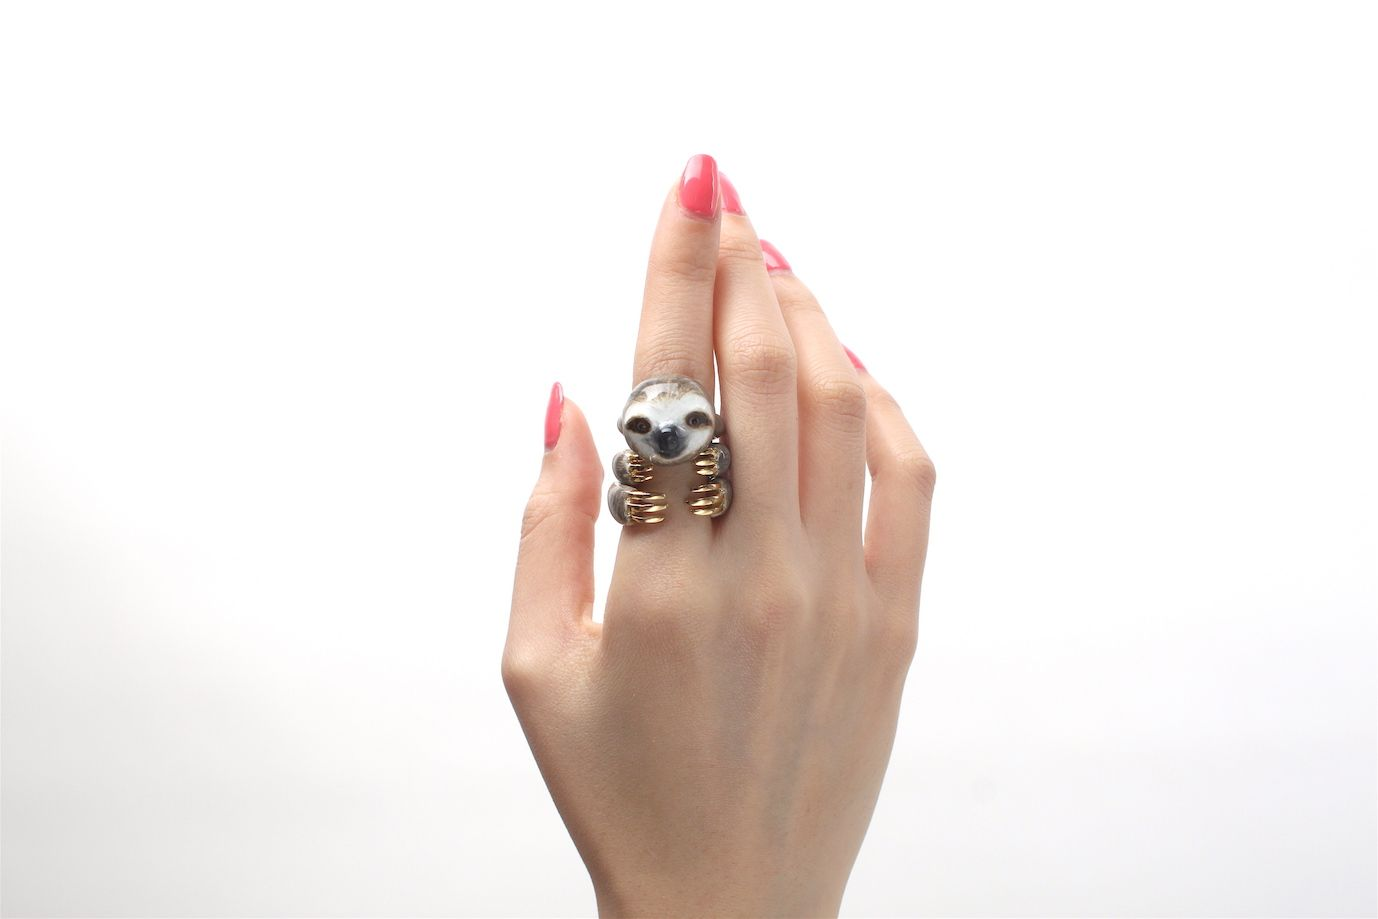 Gli anelli con animali che si fanno in tre per abbracciarci